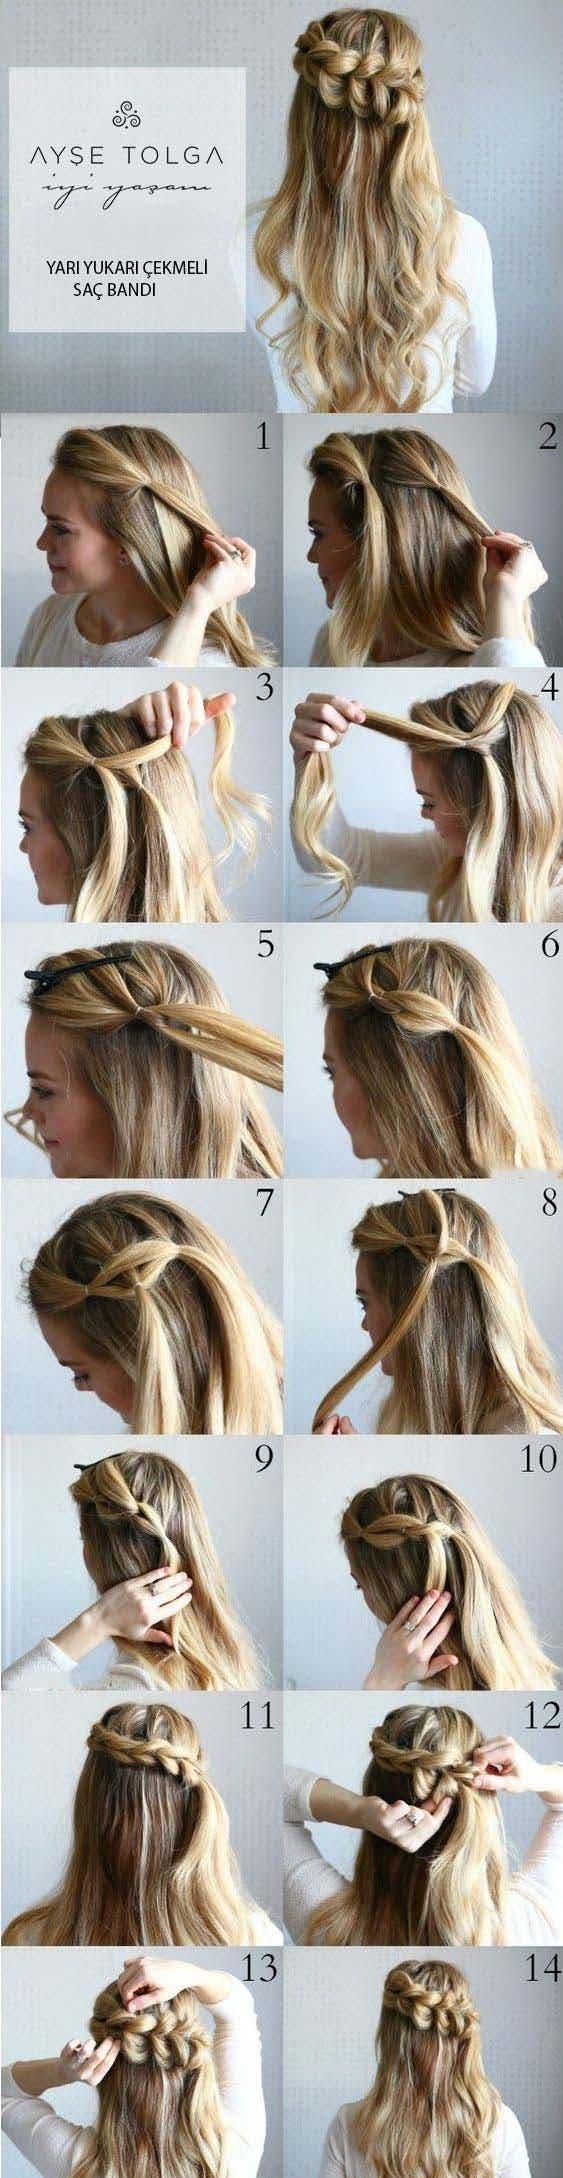 Meşgul günler için 7 kolay topuz saç modelleri